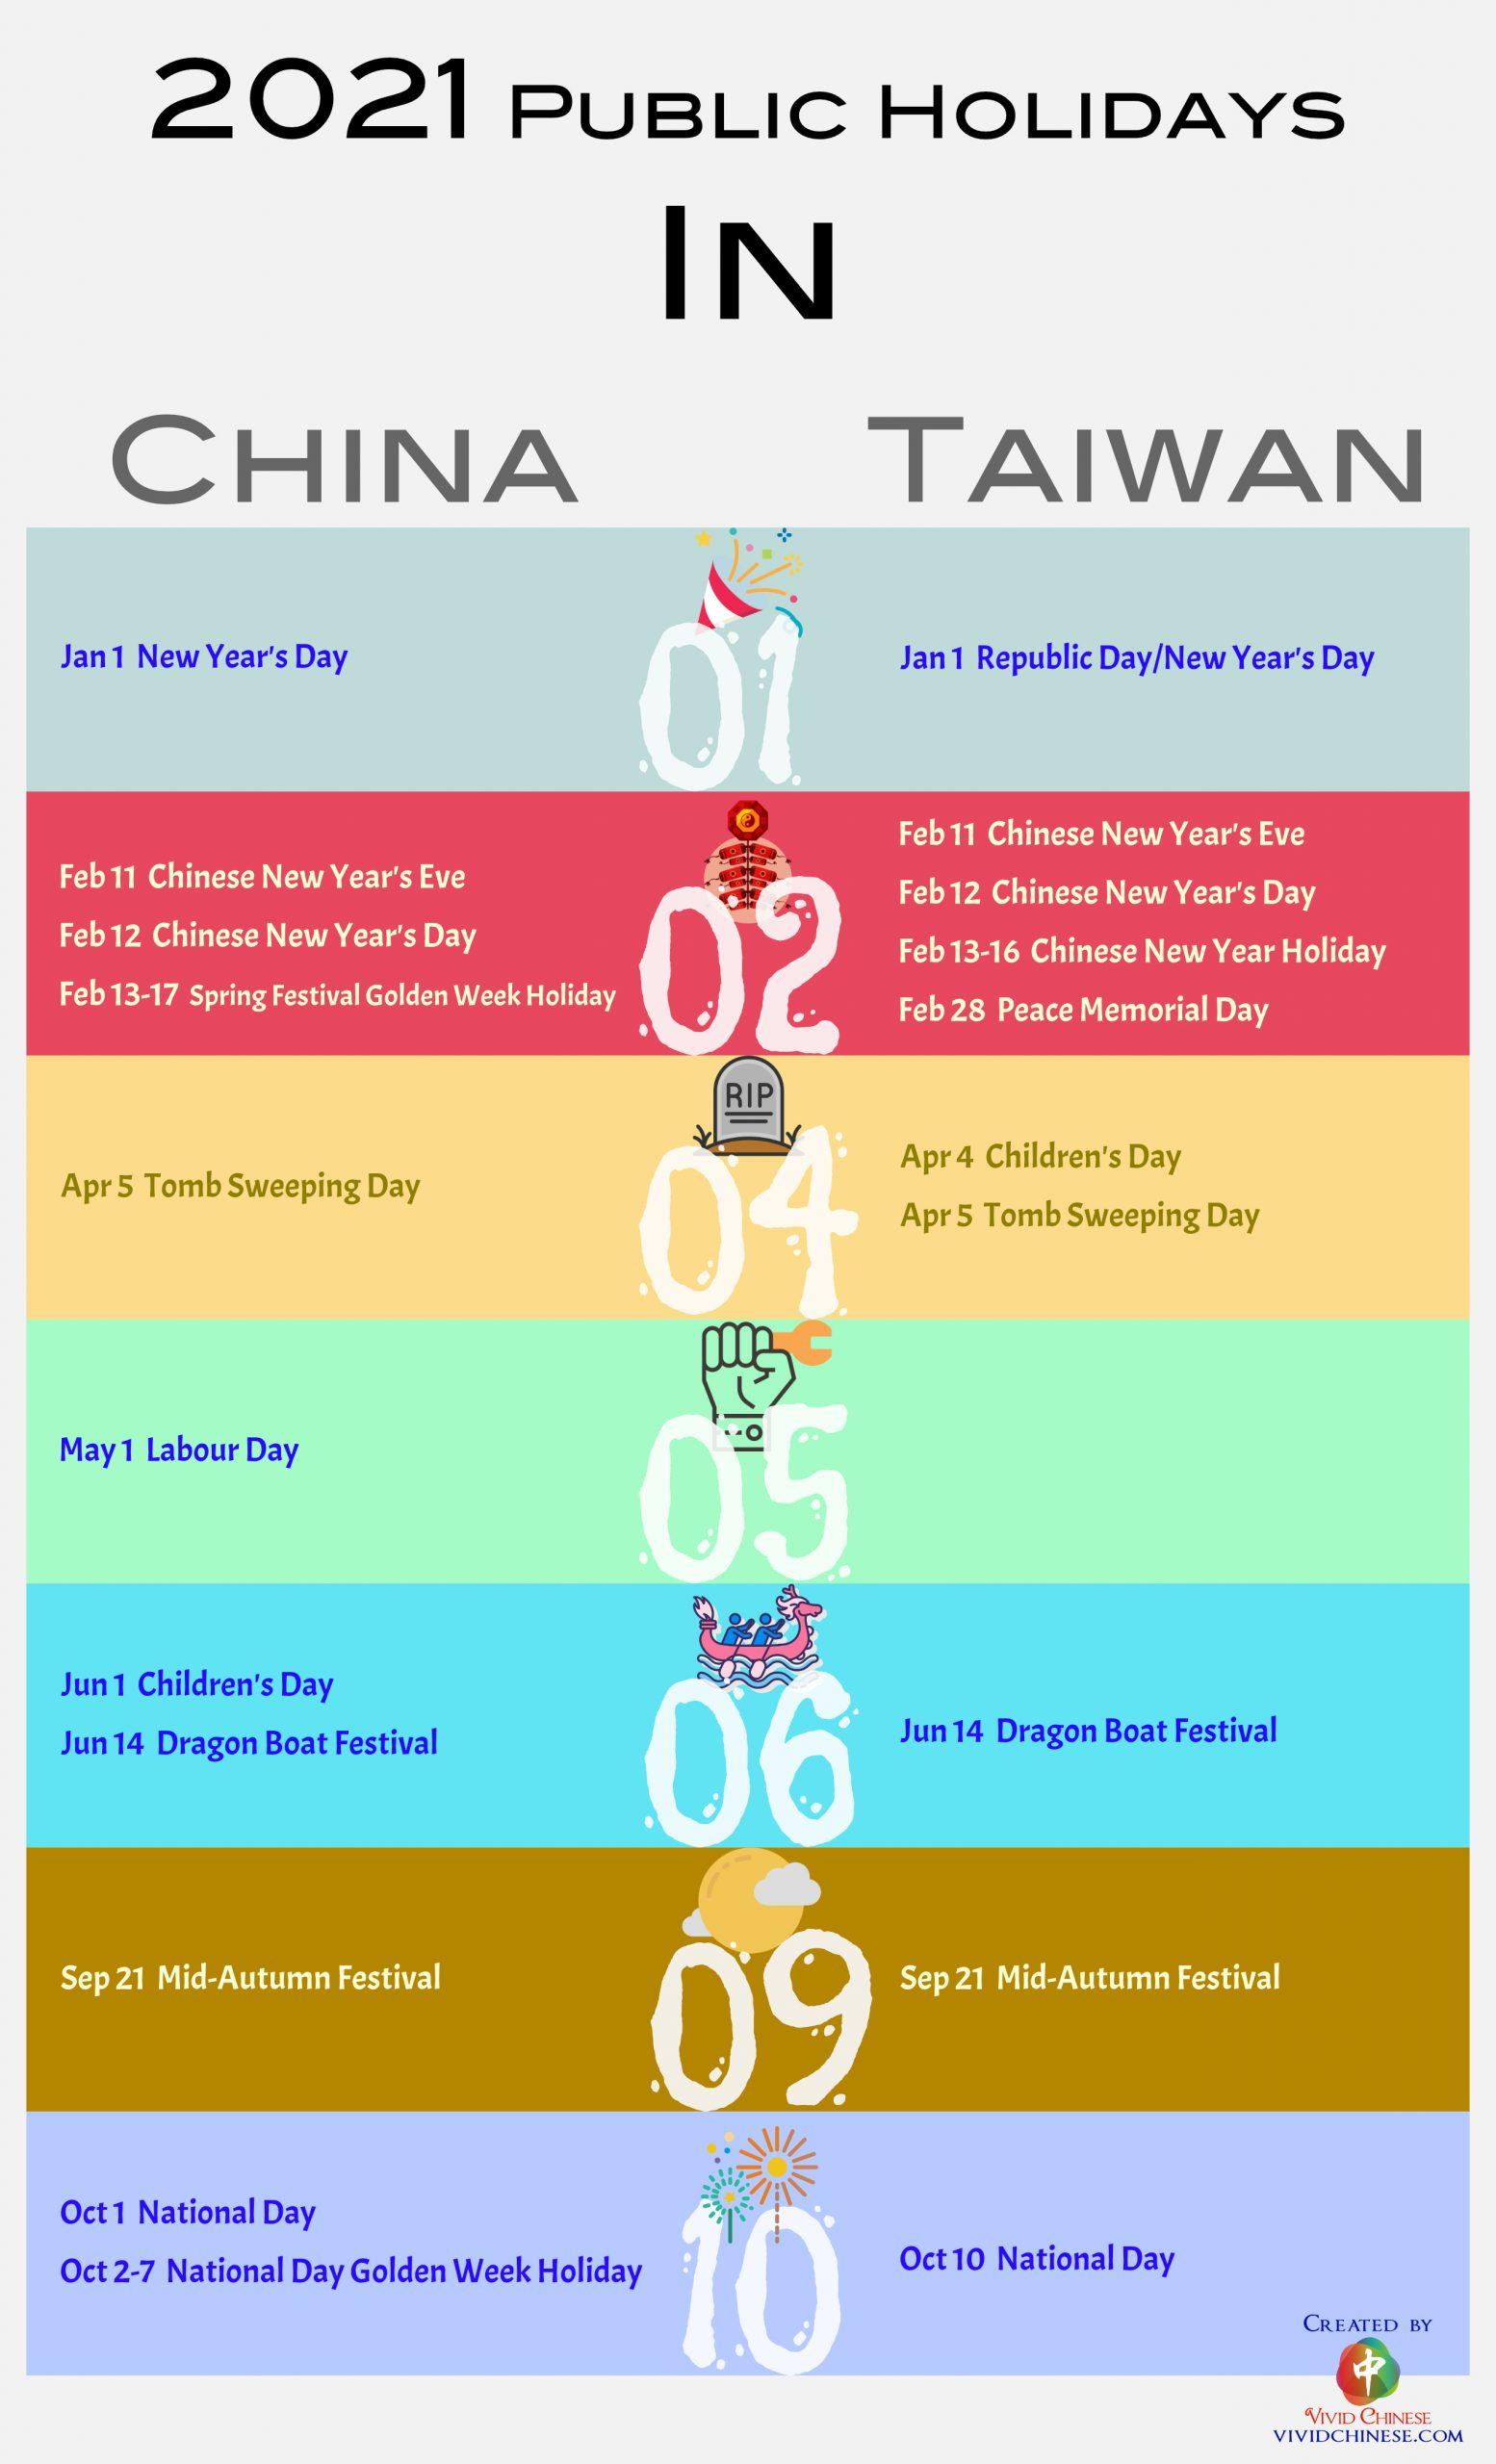 2021 Chinese public holidays